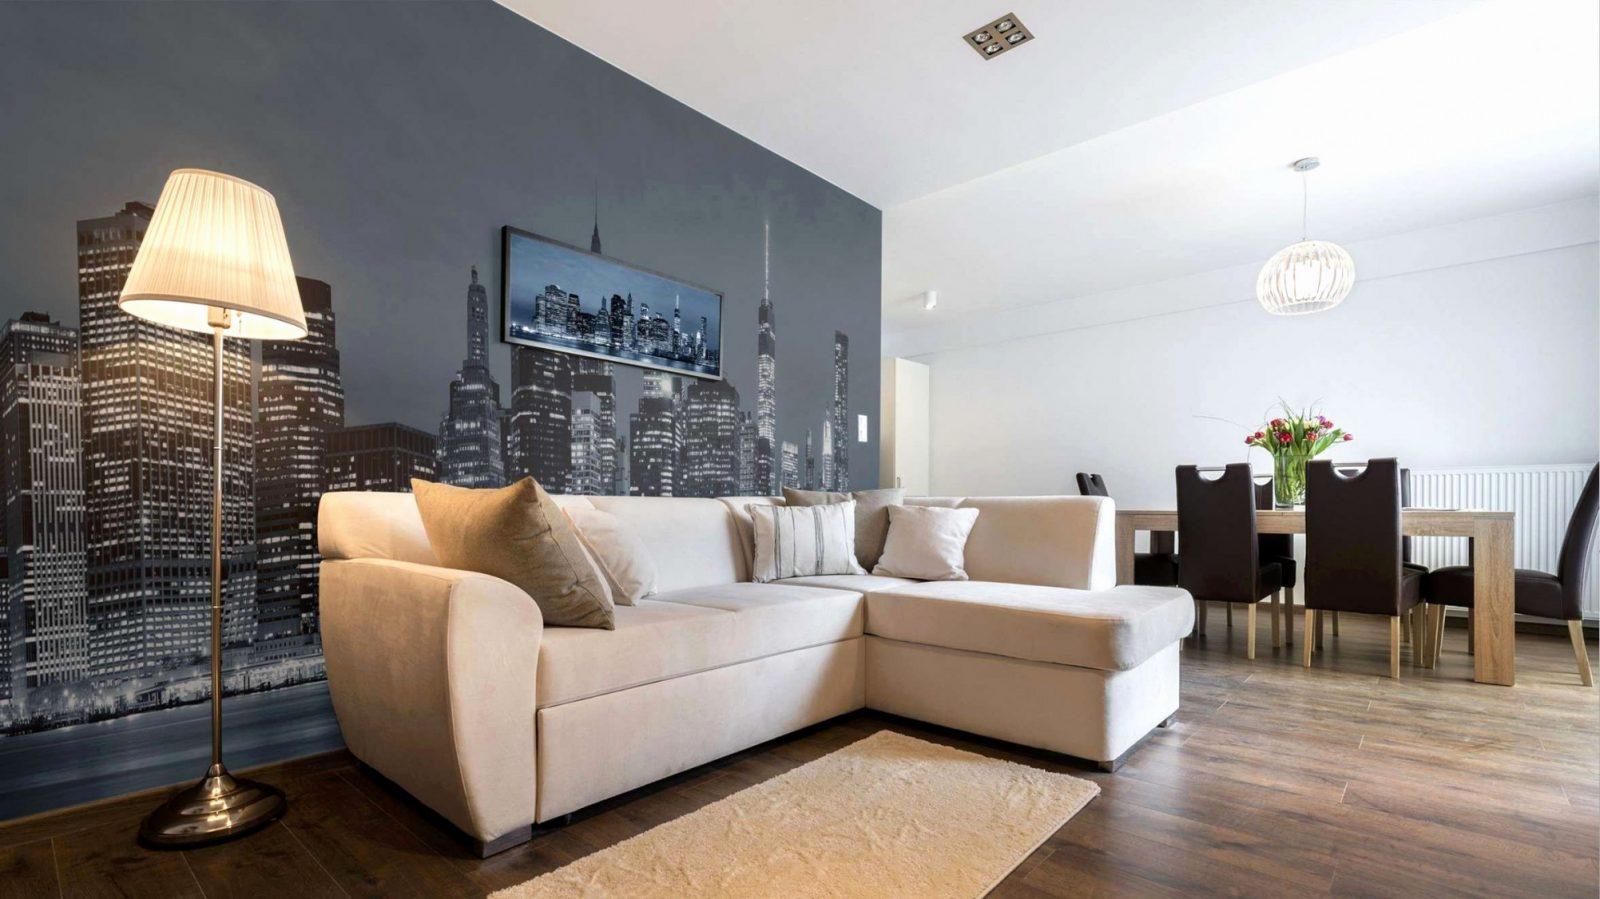 Holz Deko Wand Wohnzimmer von Holz Dekoration Wand Bild